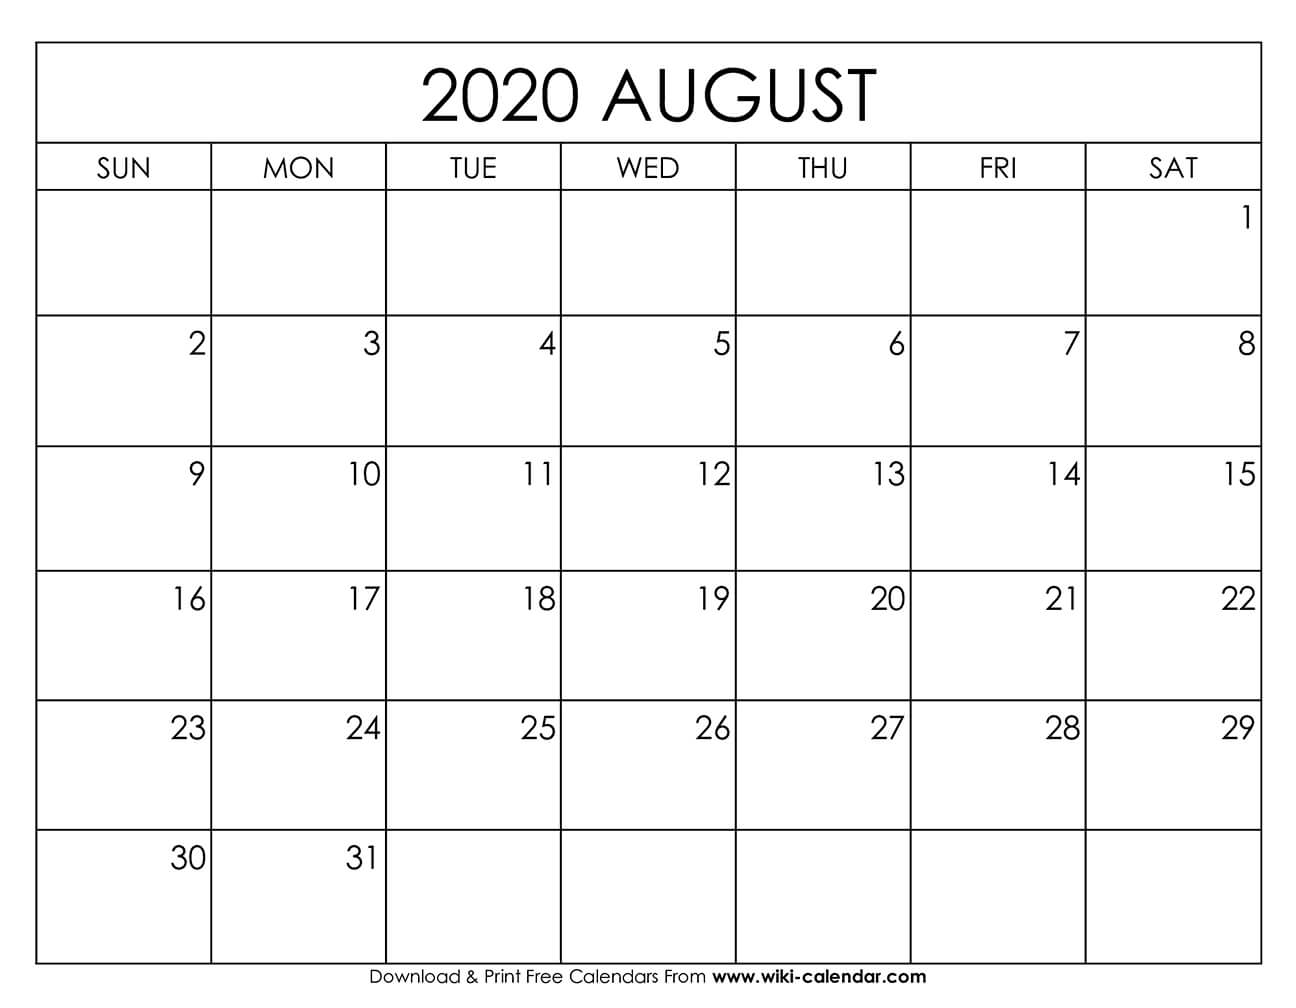 August 2020 Calendar Template